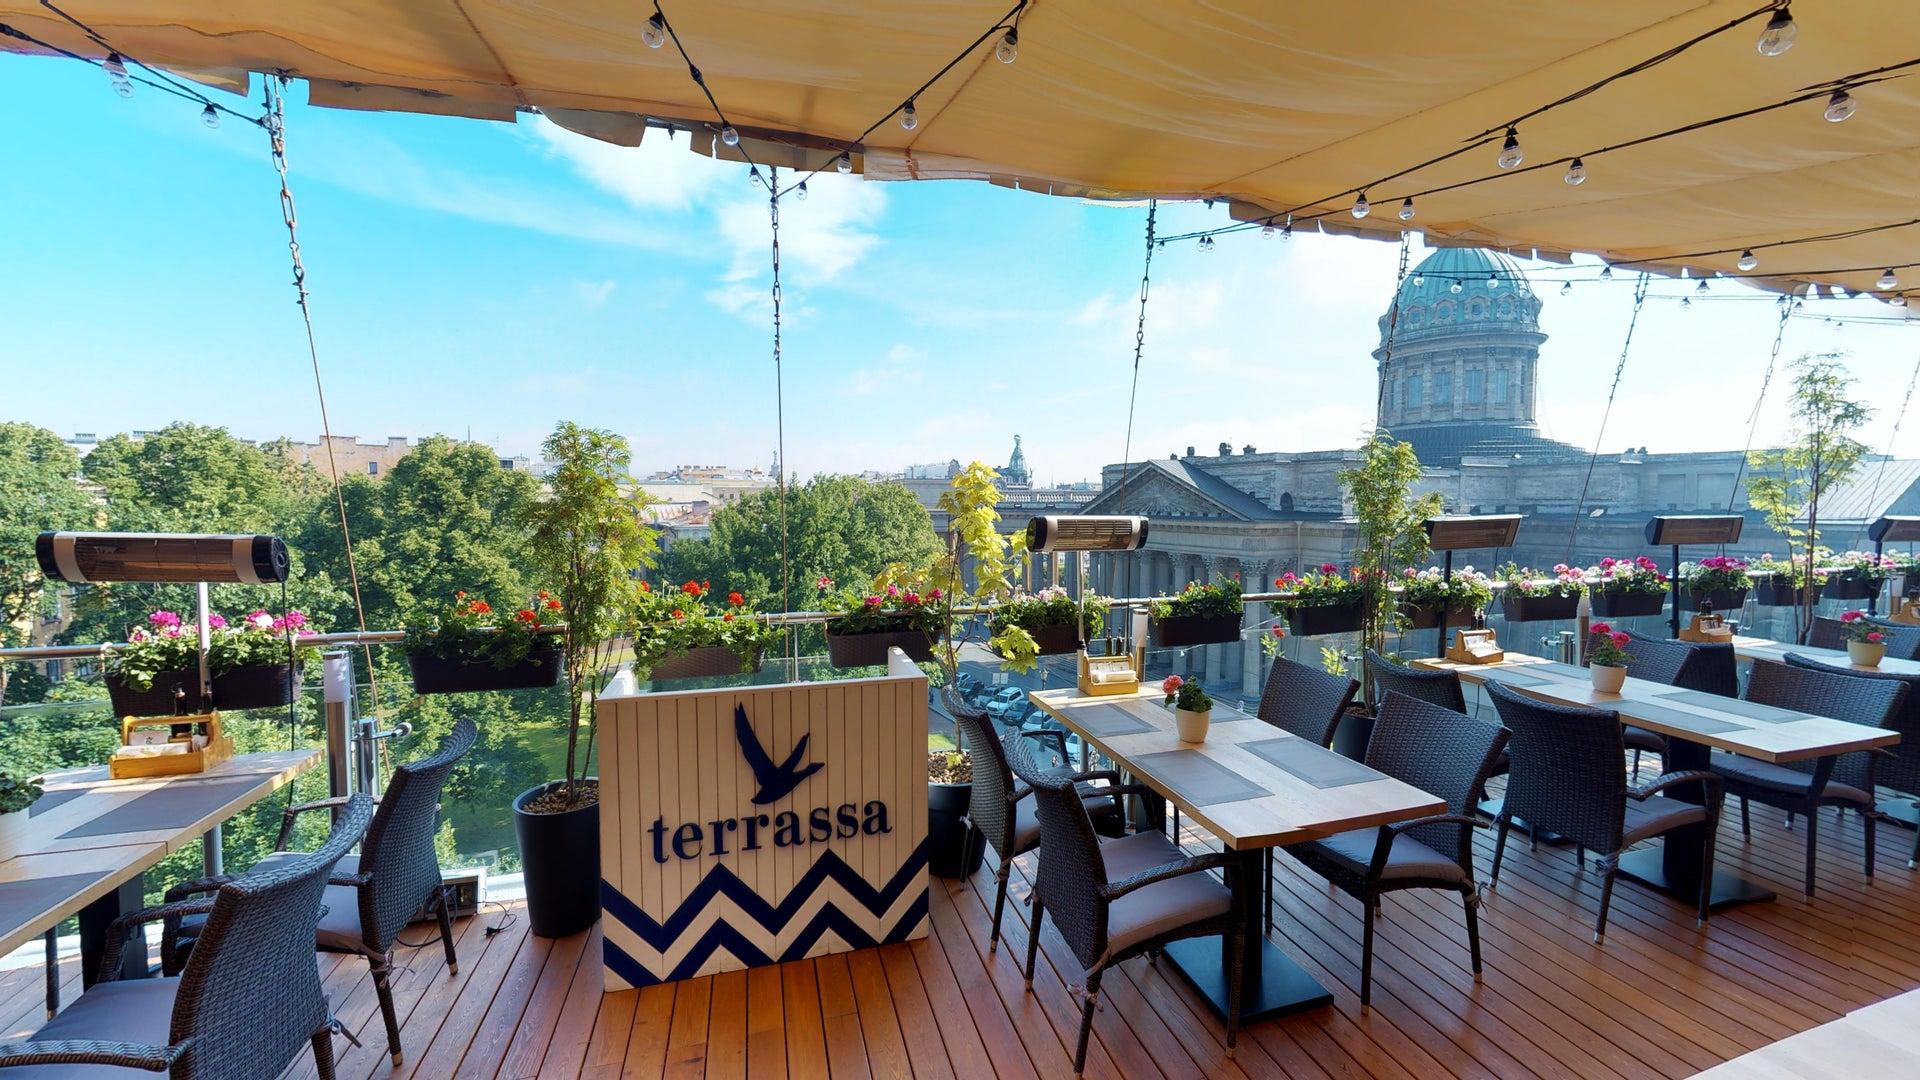 Почти лето: как жителям Твери выбрать самое удобное место на веранде в кафе